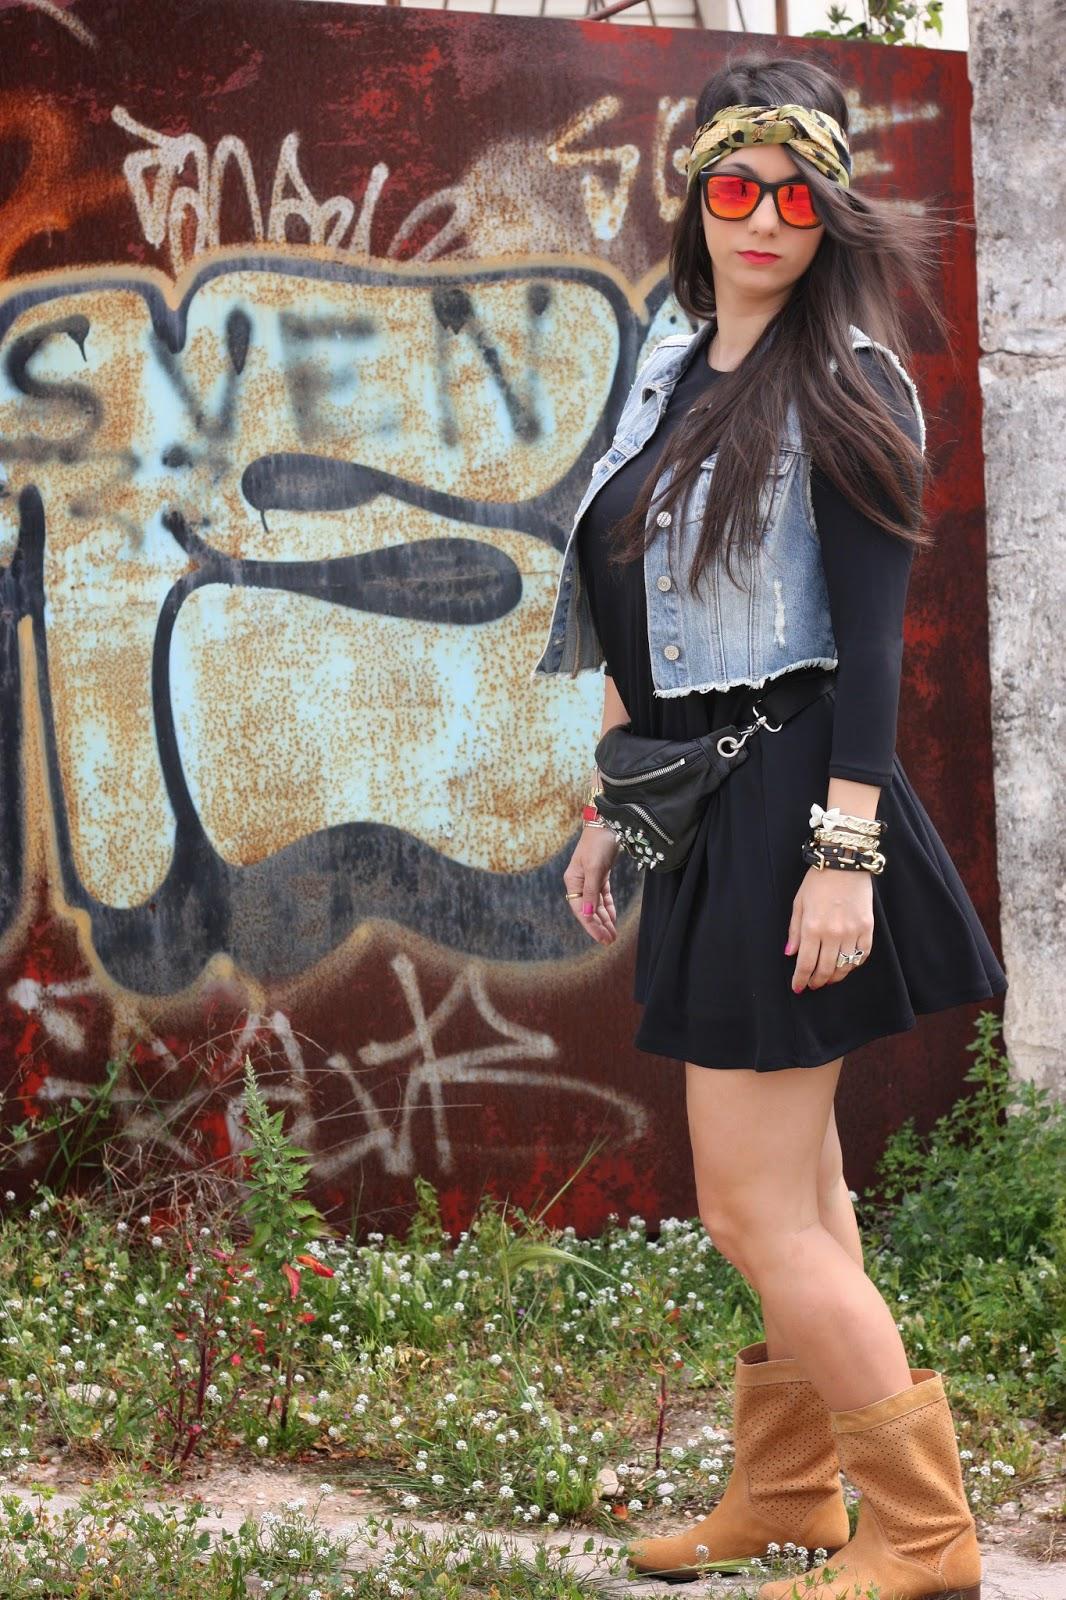 http://silviparalasamigas.blogspot.com.es/2015/04/look-coachella.html